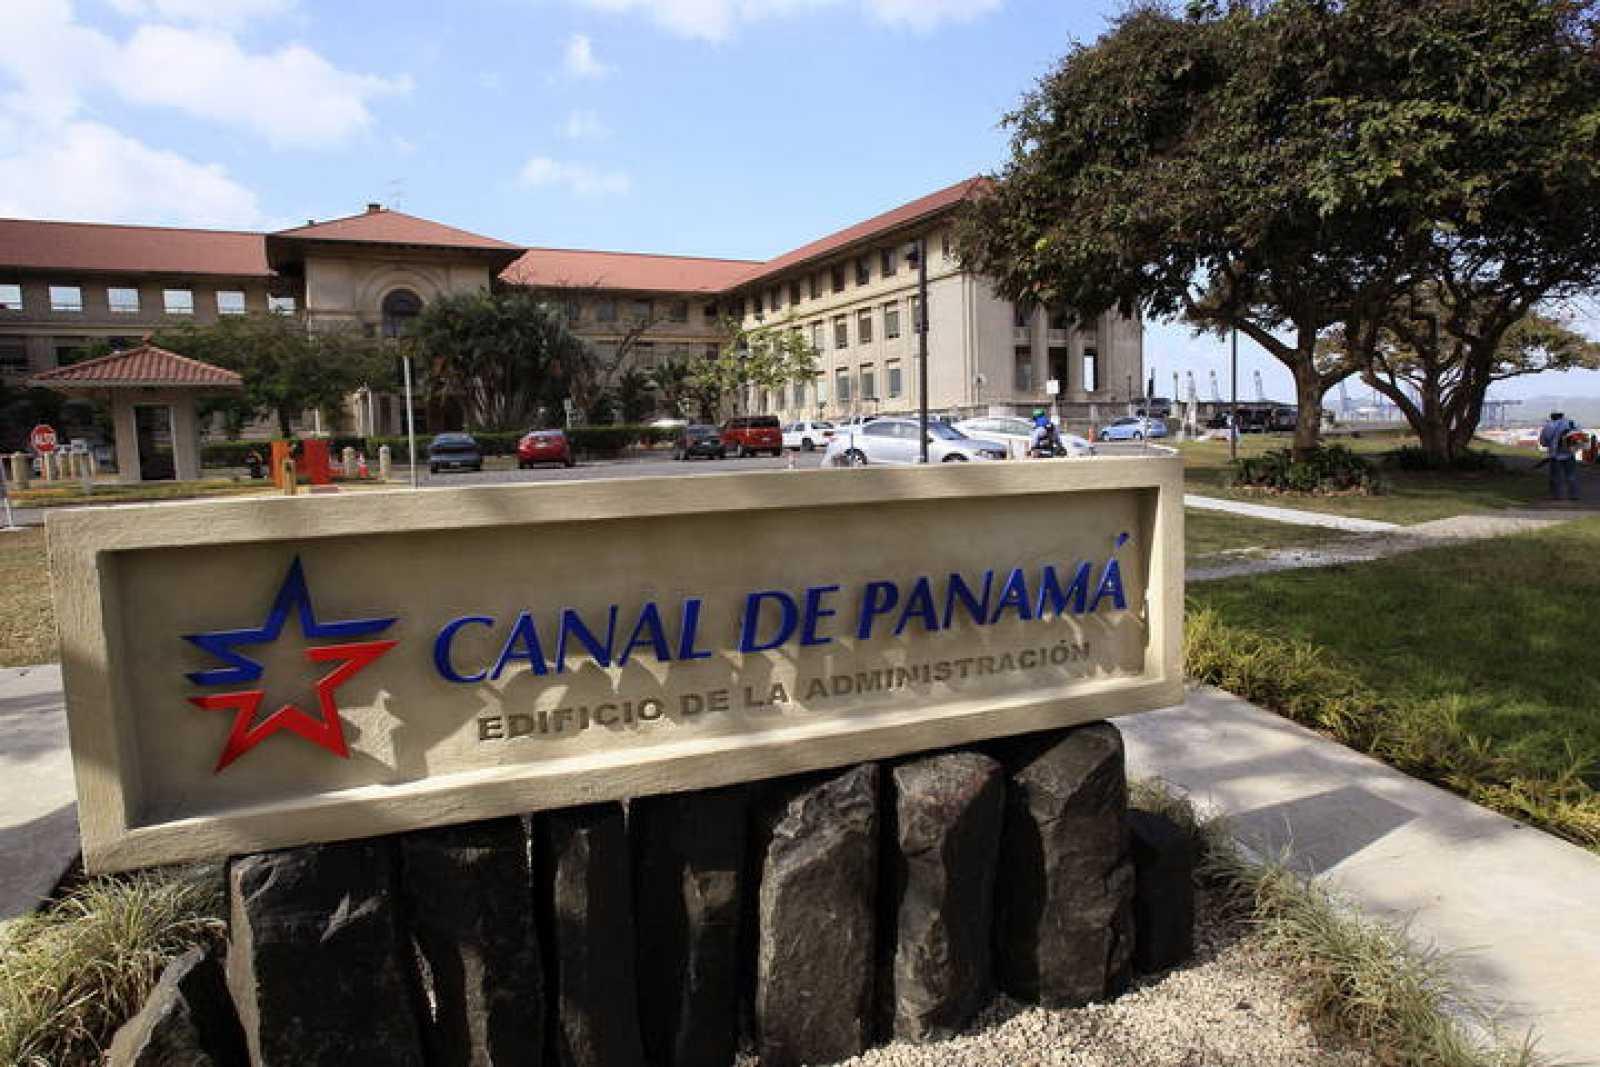 El edificio de la administración del Canal de Panamá en Ciudad de Panamá